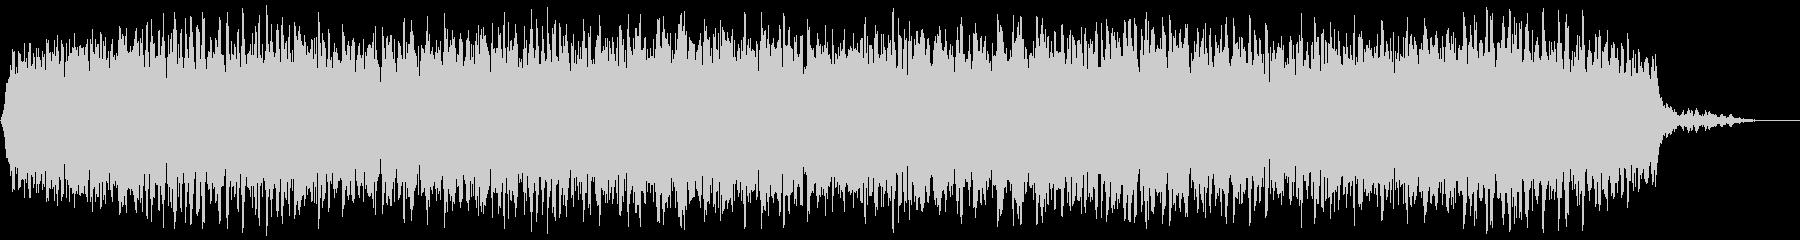 【アンビエント】ドローン_17 実験音の未再生の波形